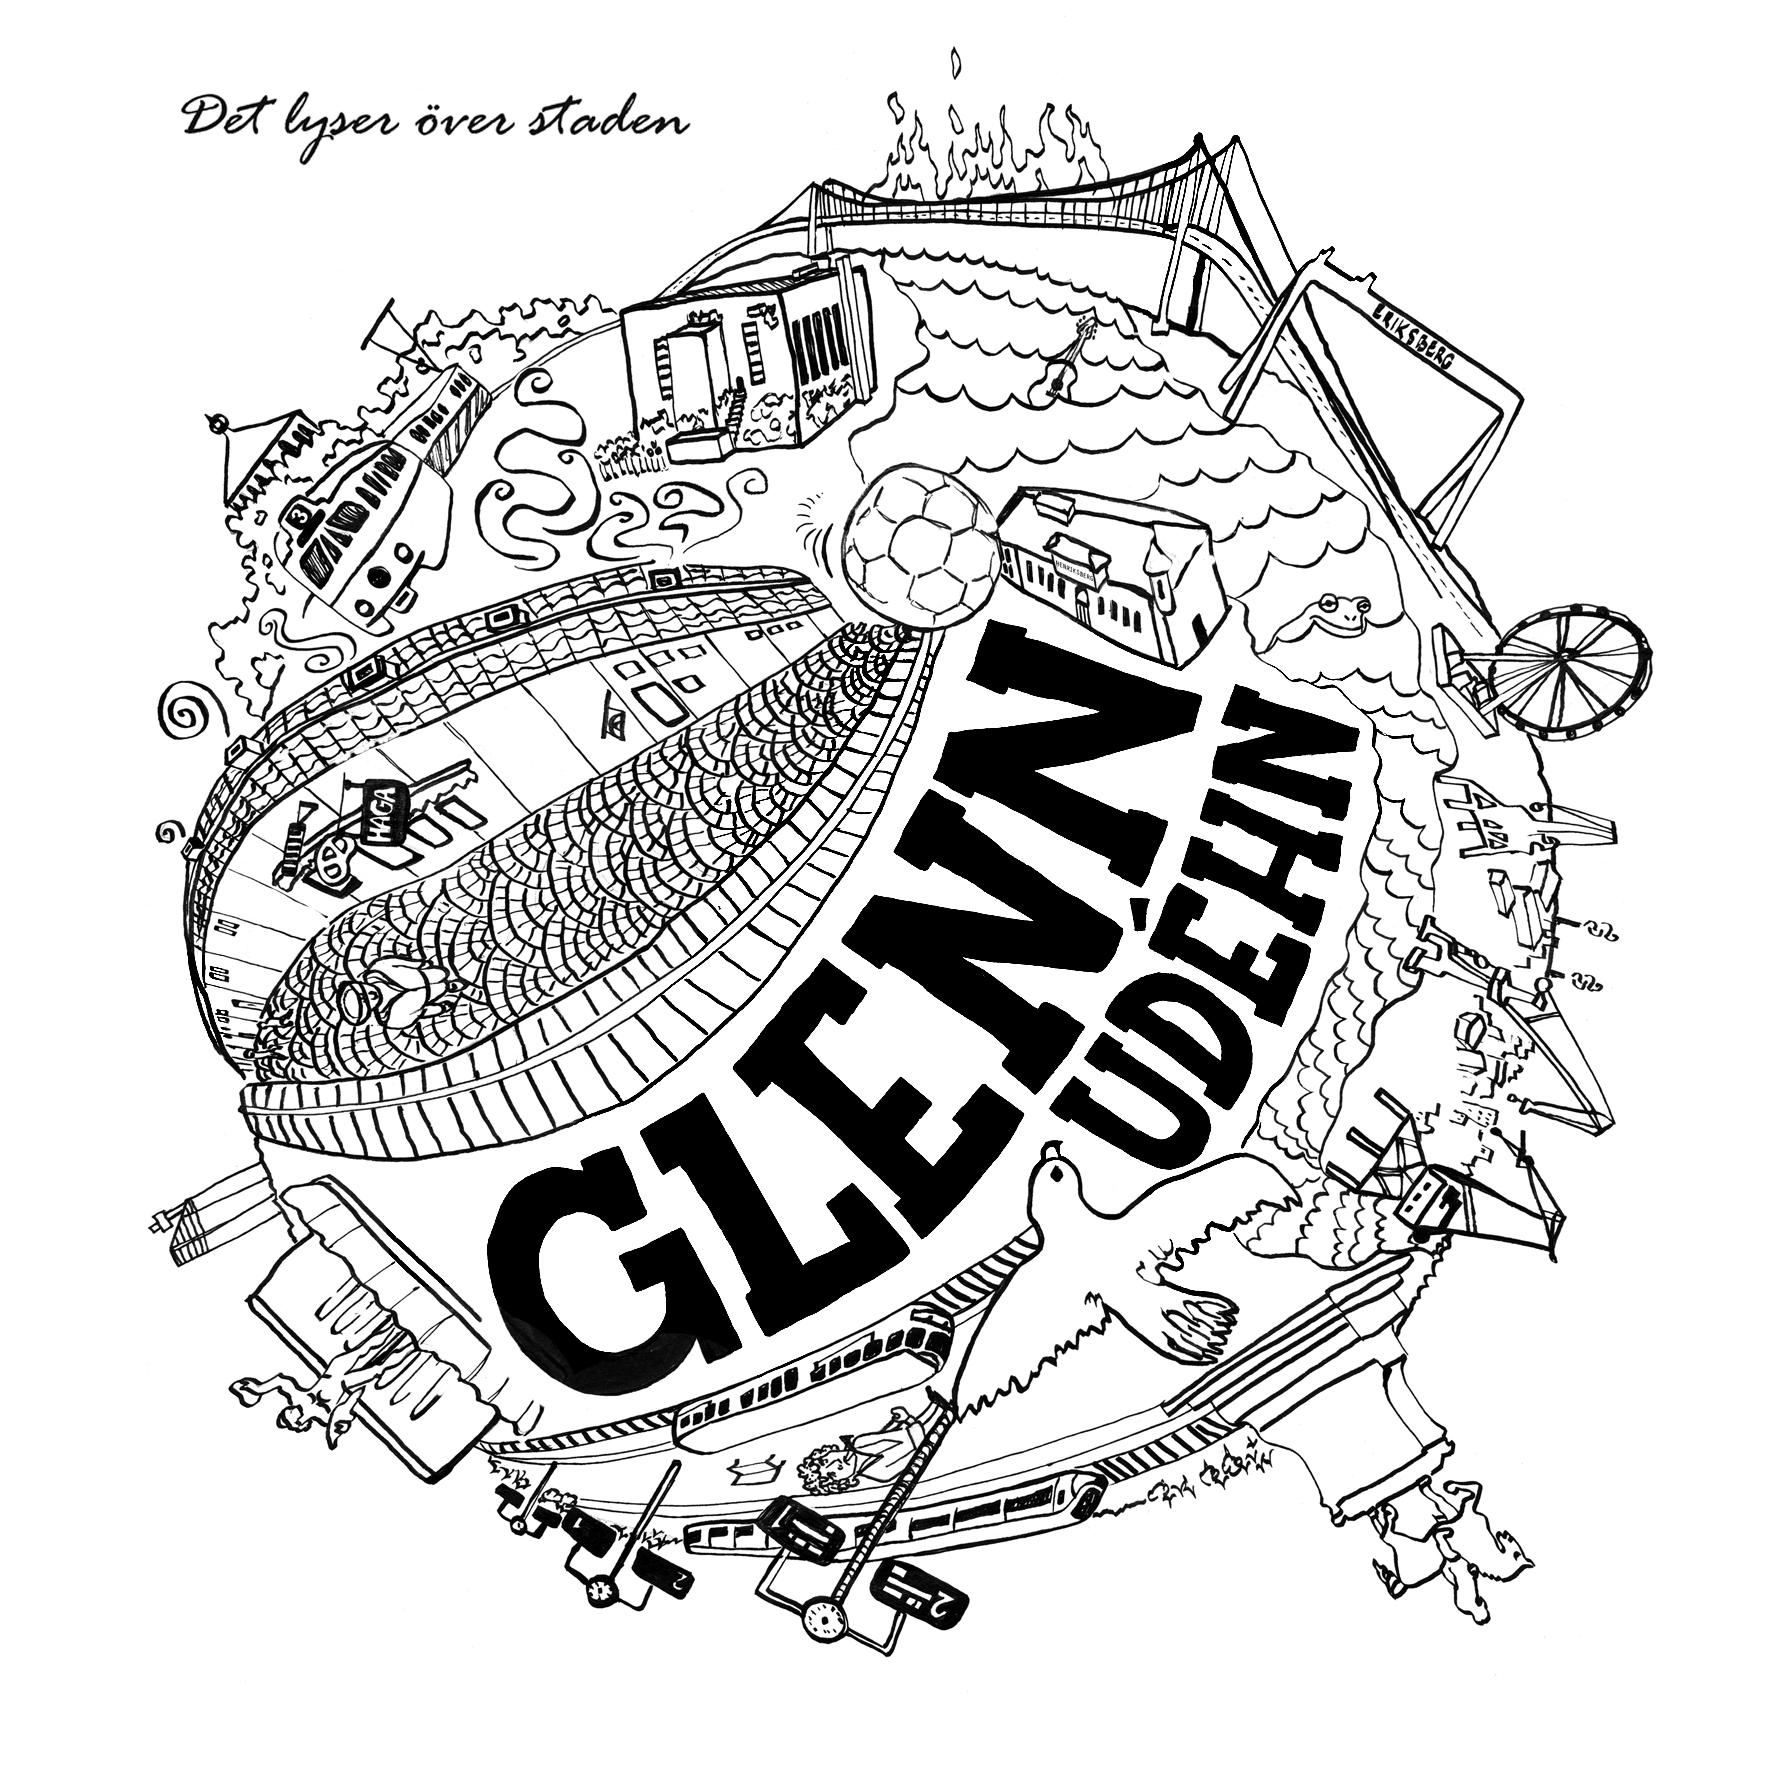 Gothenburg illustration